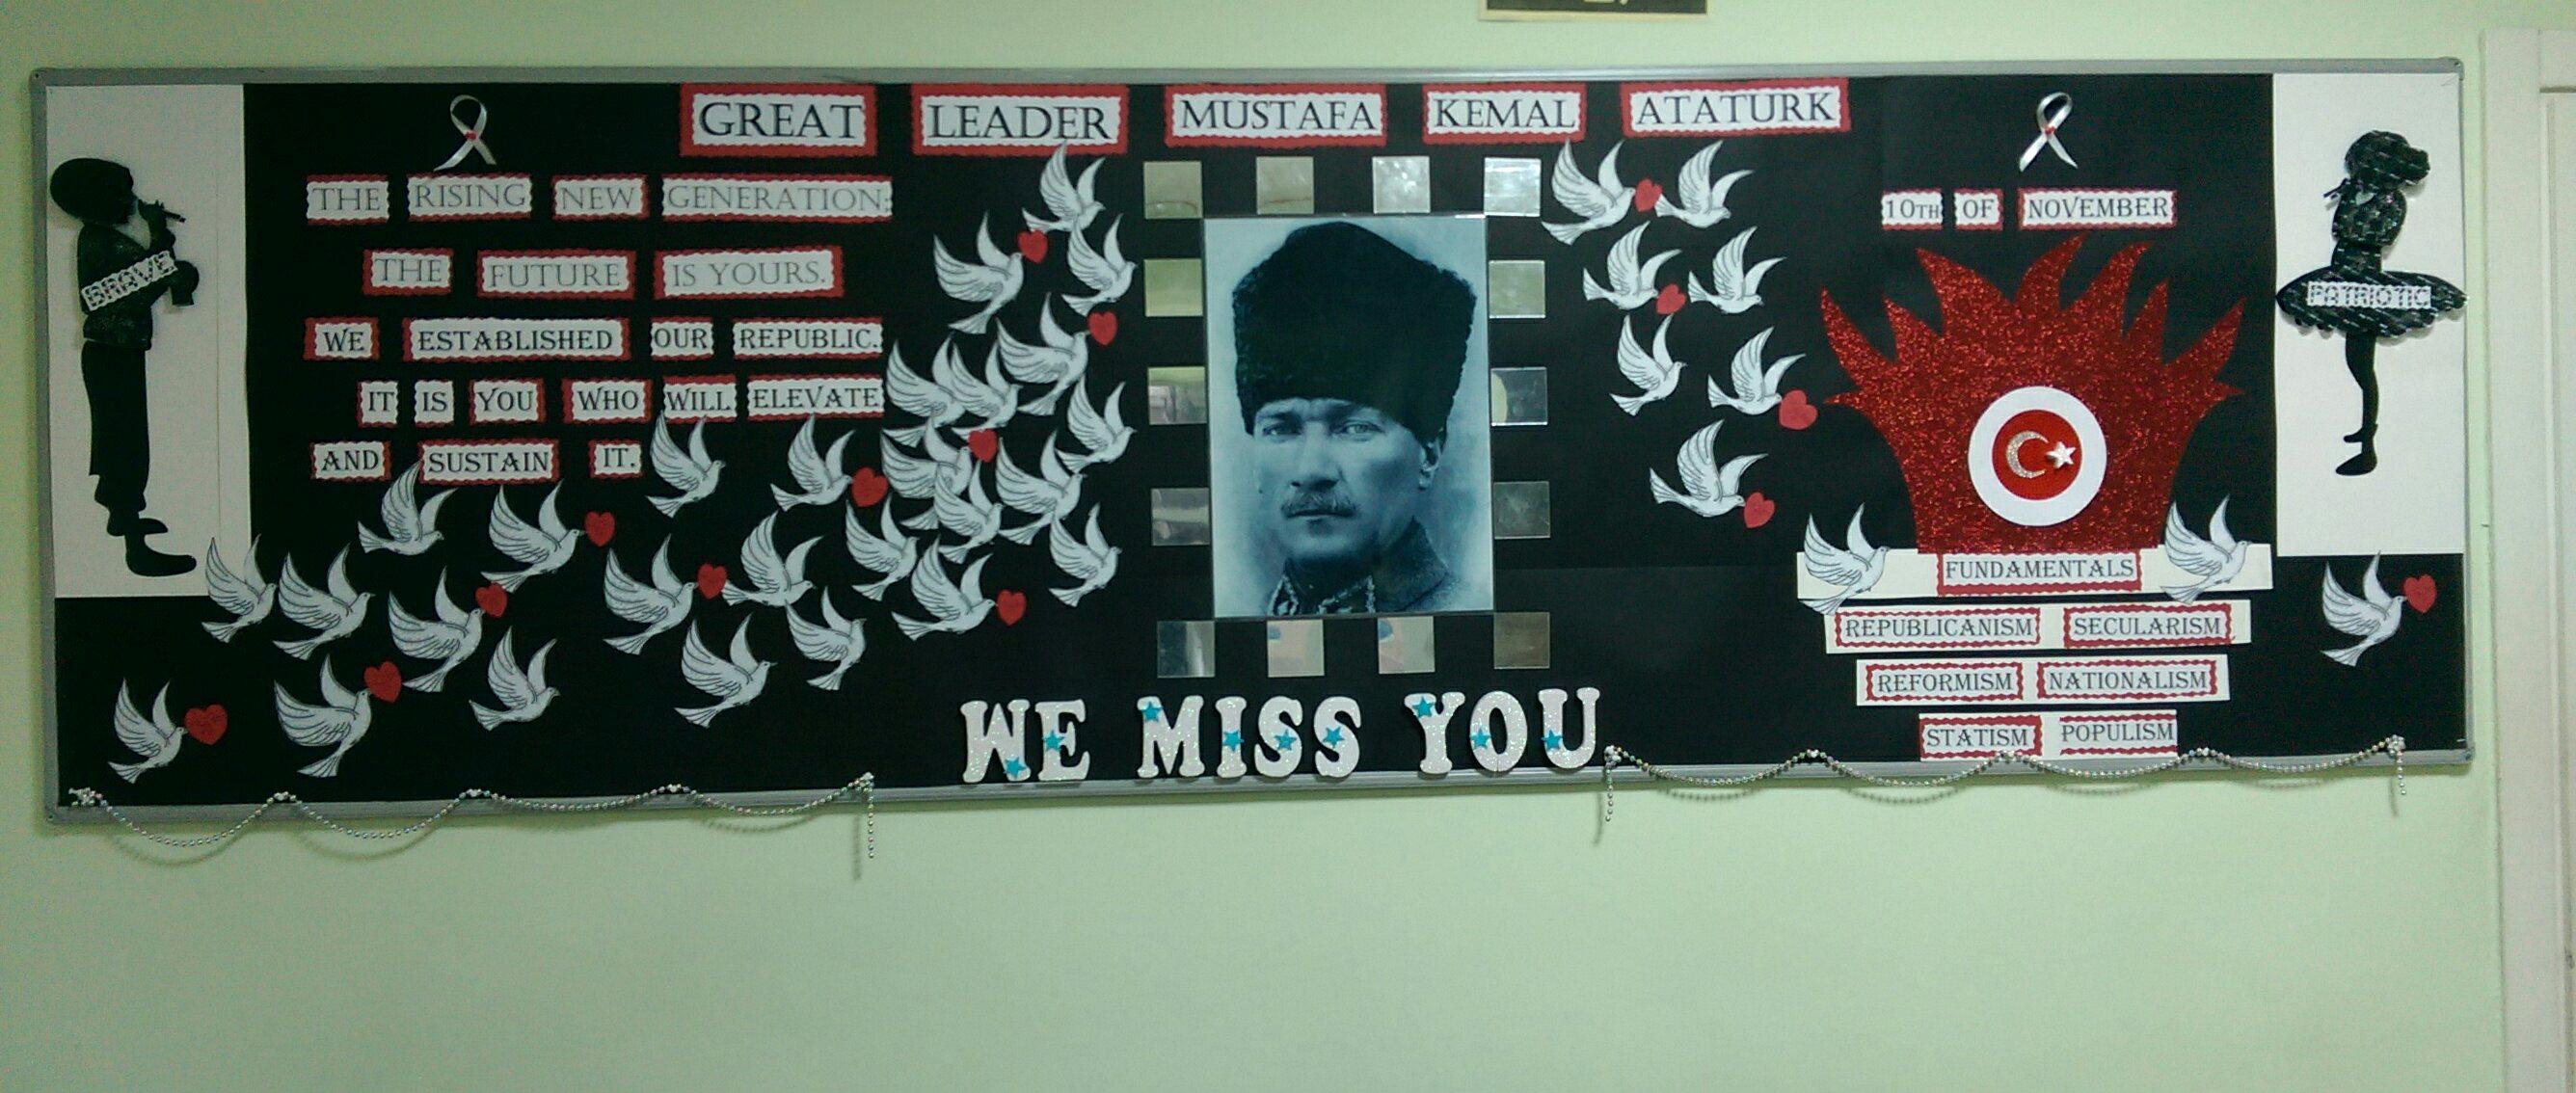 Ata'mızı Saygıyla Anıyoruz